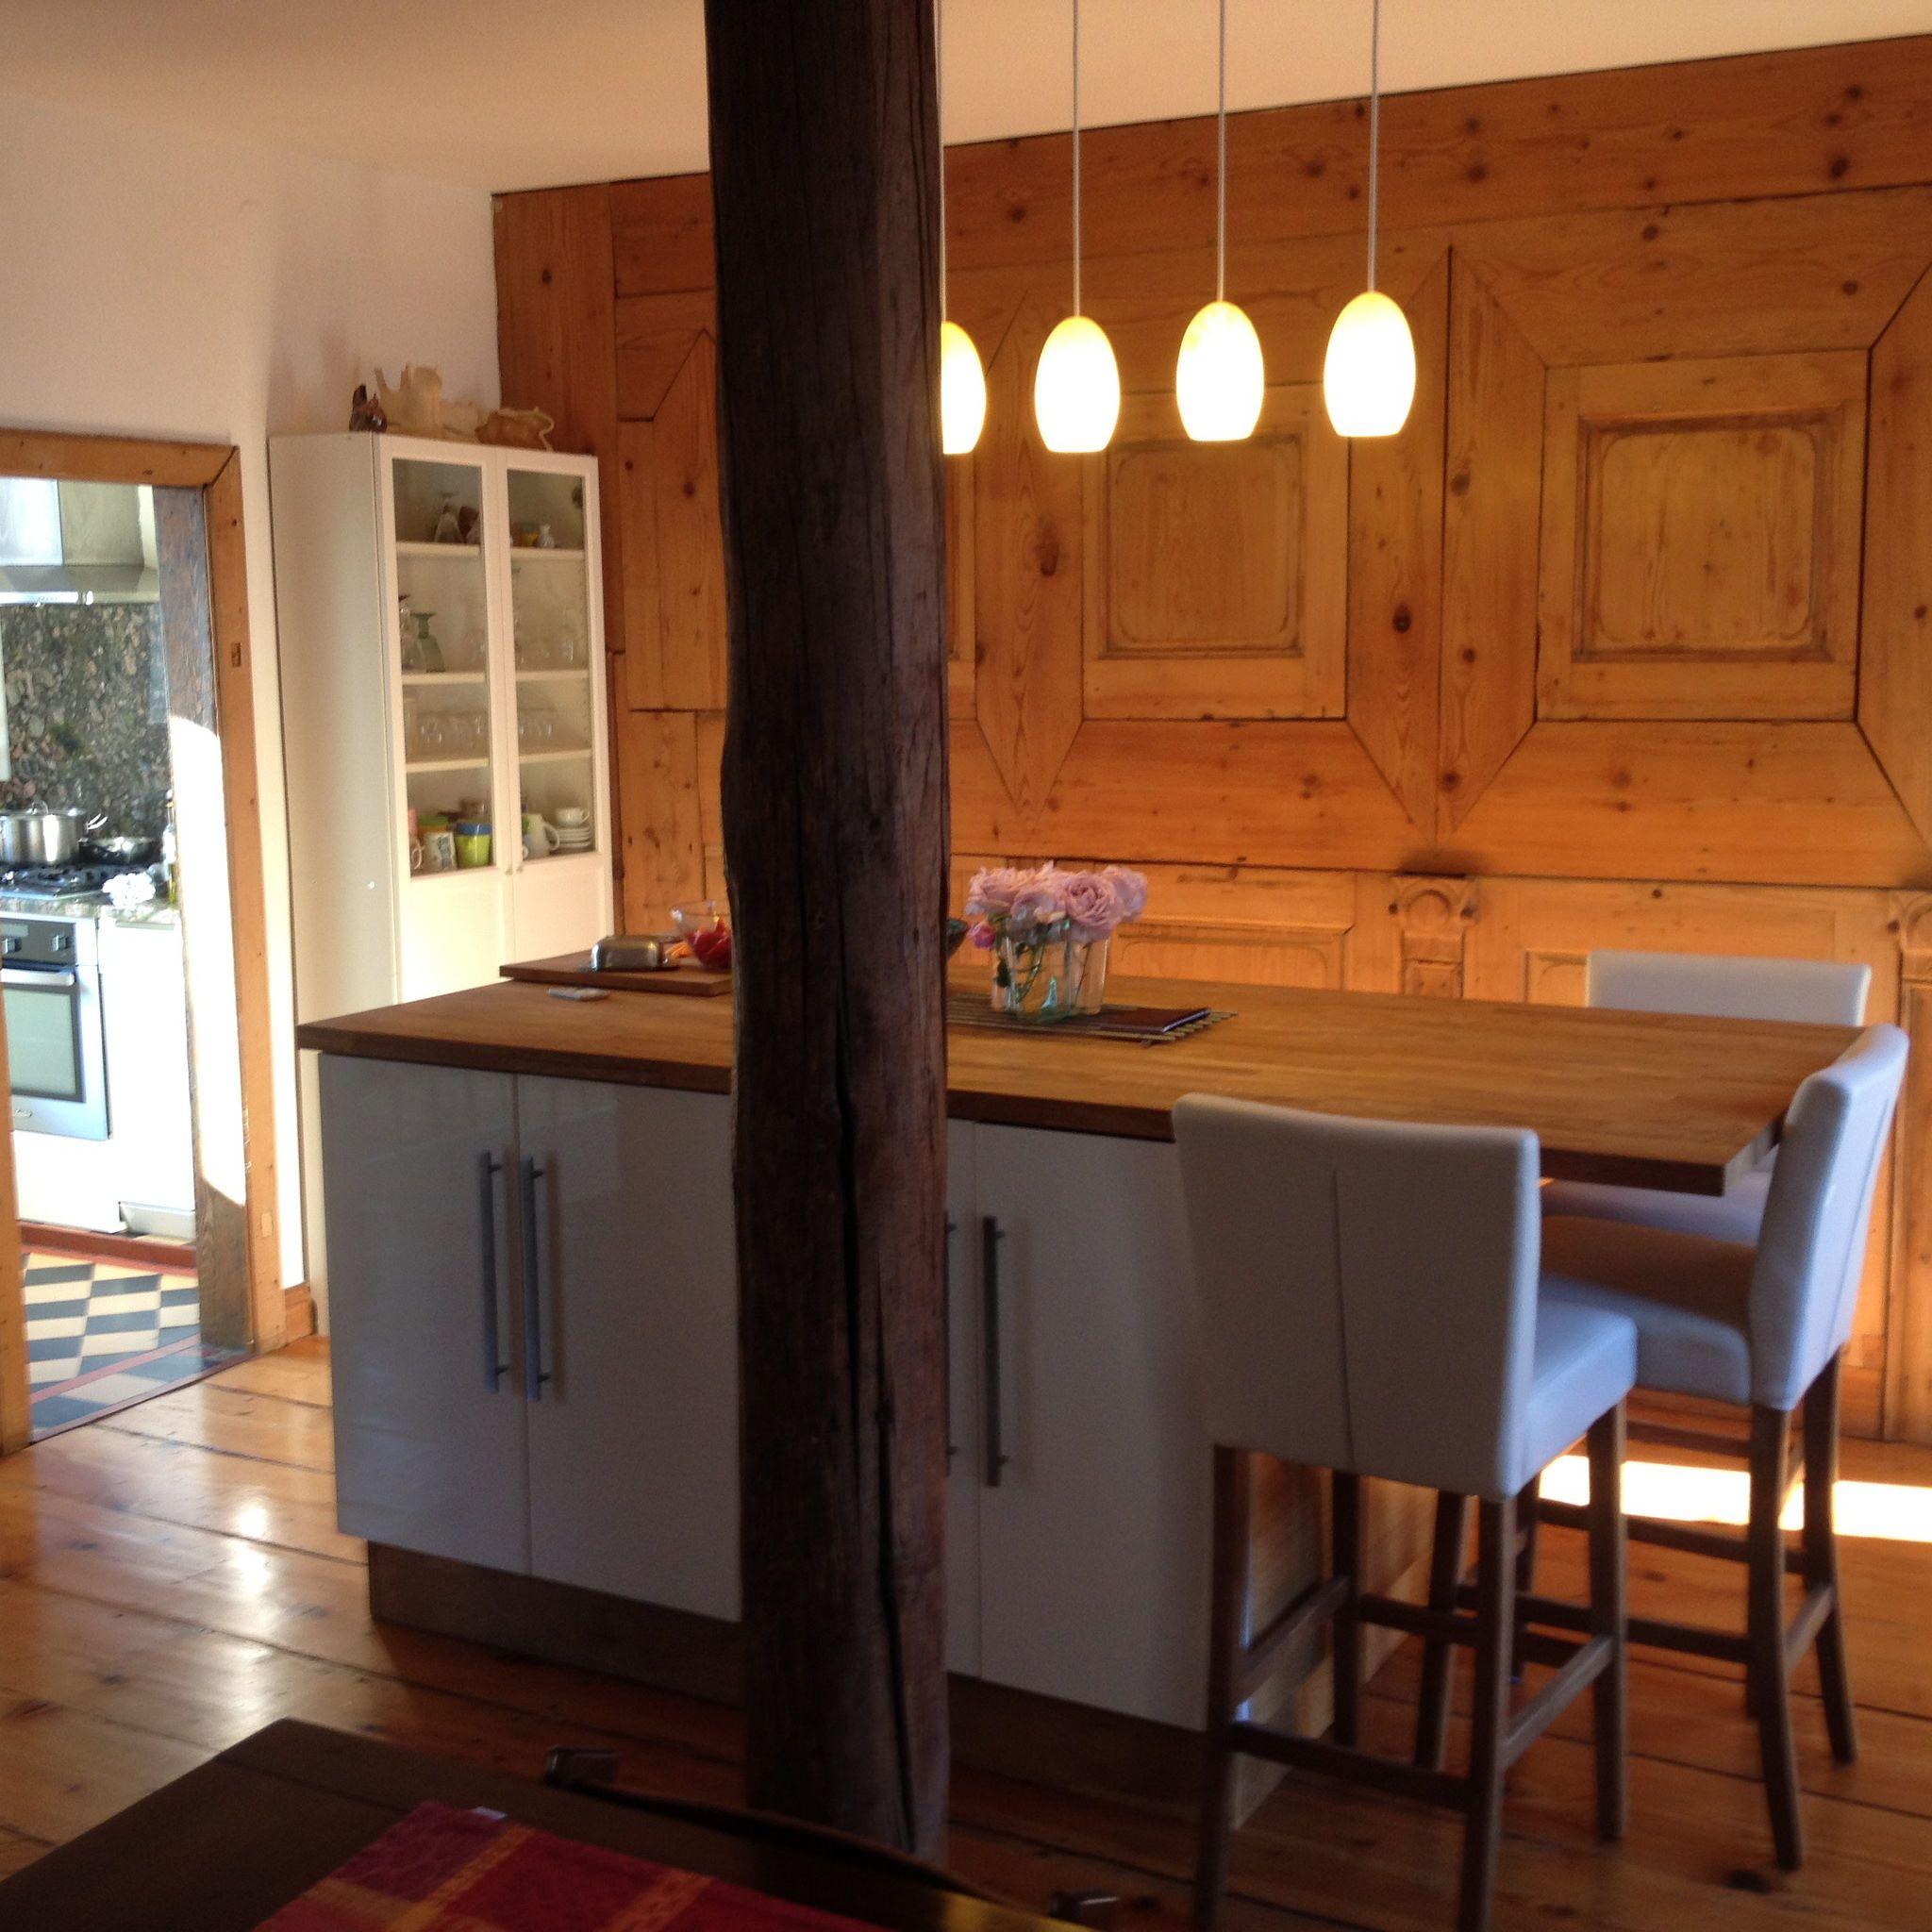 Customized Ikea Kitchen Island With Oakwood Panels Ilot De Cuisine Ikea Customise Avec Socle En Chene Massif Et Plan De Travail En Chen Home Decor Decor Home